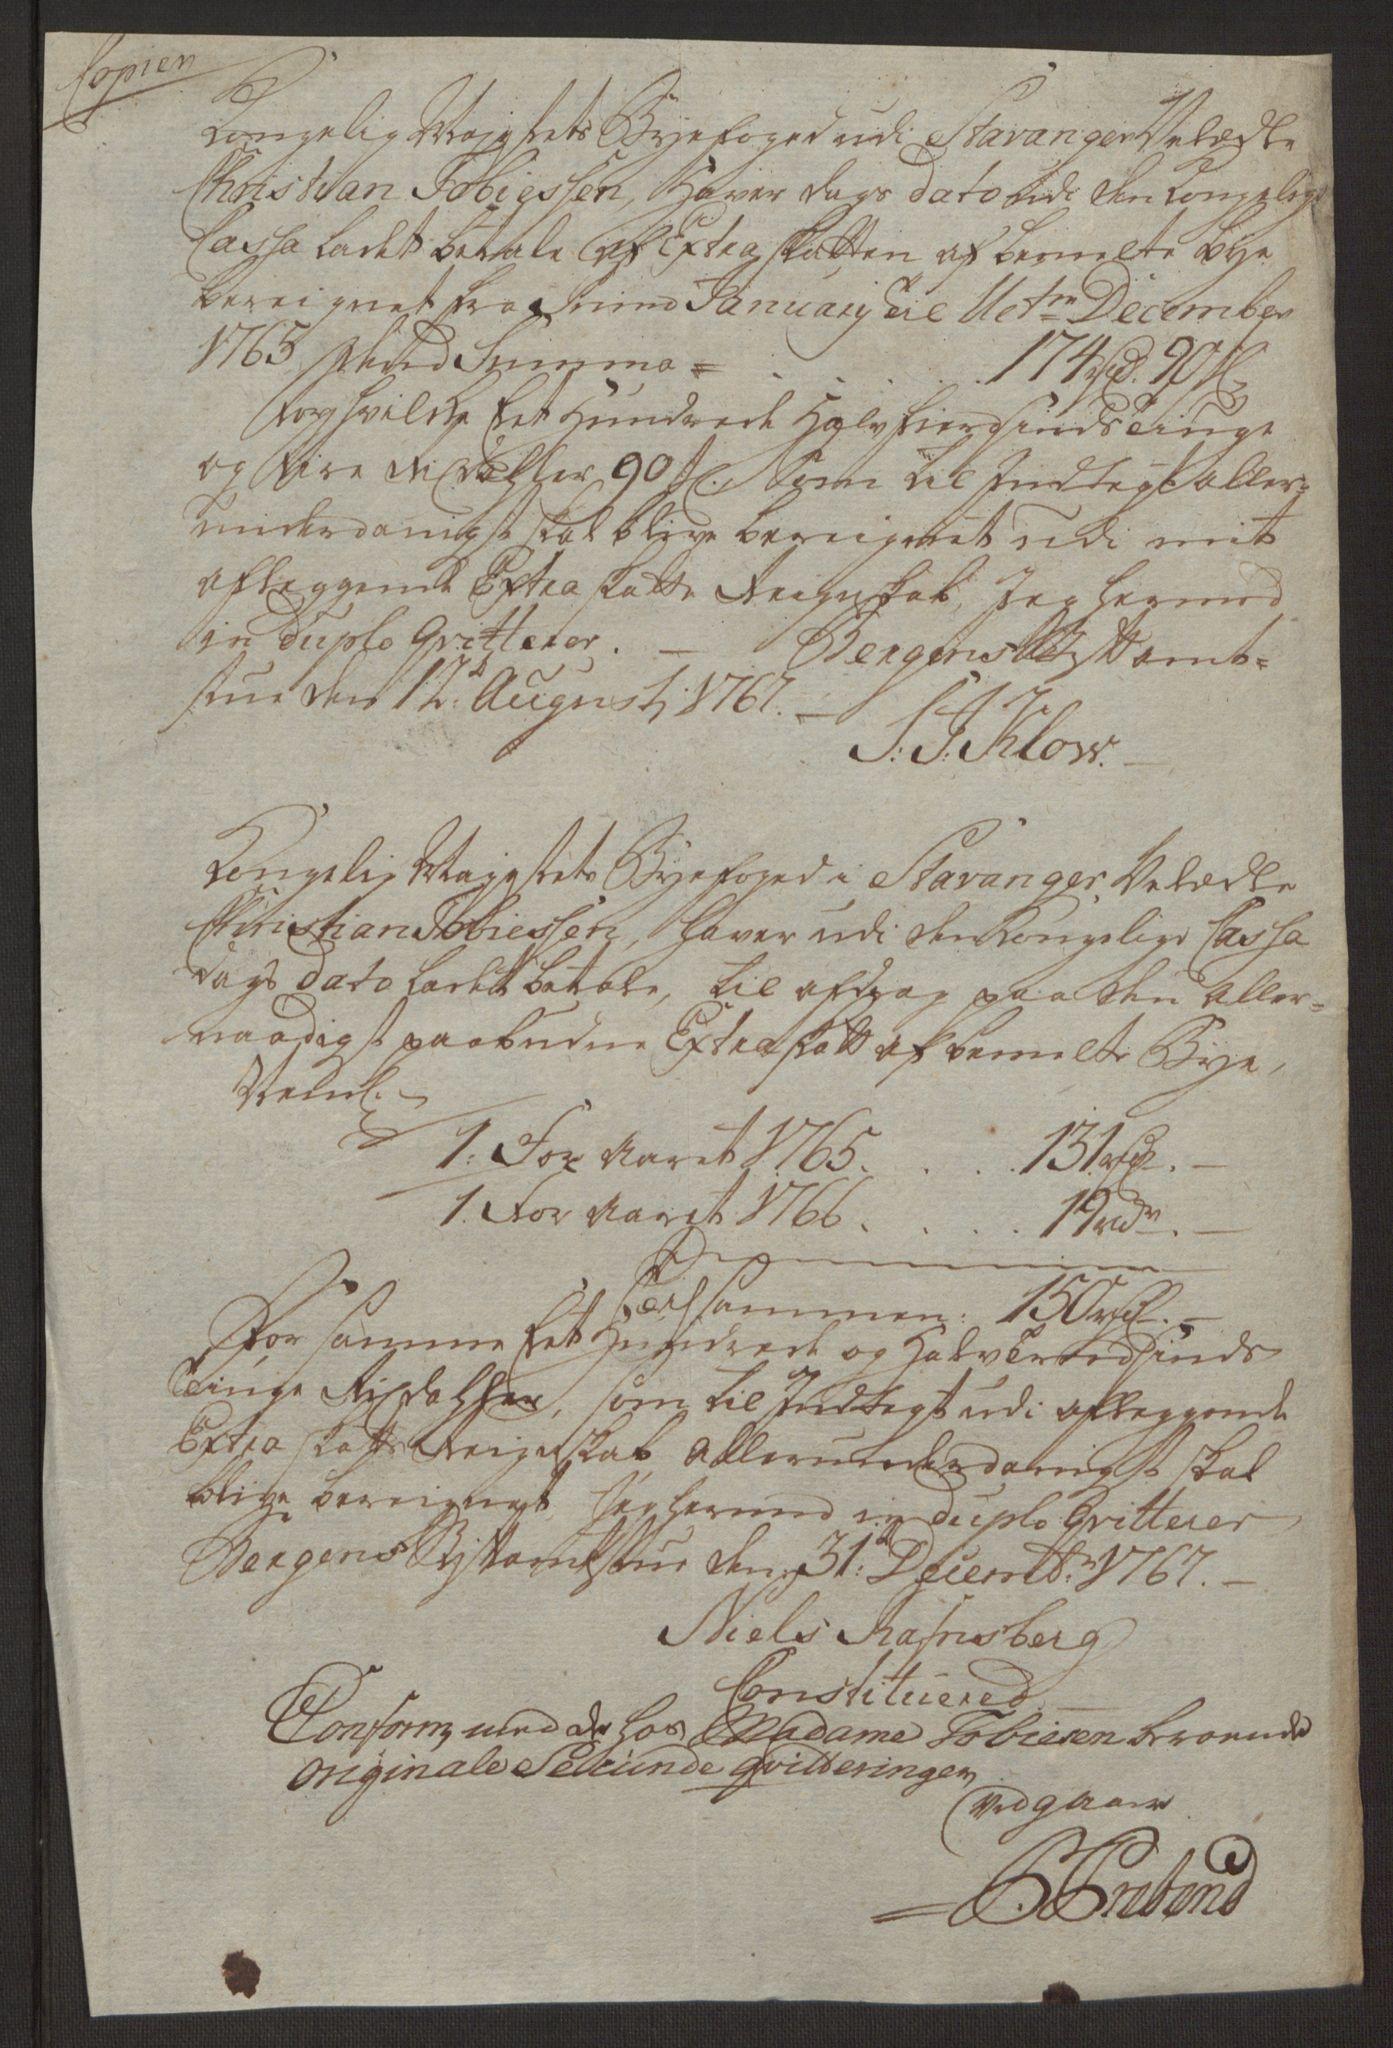 RA, Rentekammeret inntil 1814, Reviderte regnskaper, Byregnskaper, R/Ro/L0305: [O6] Kontribusjonsregnskap, 1762-1768, s. 127